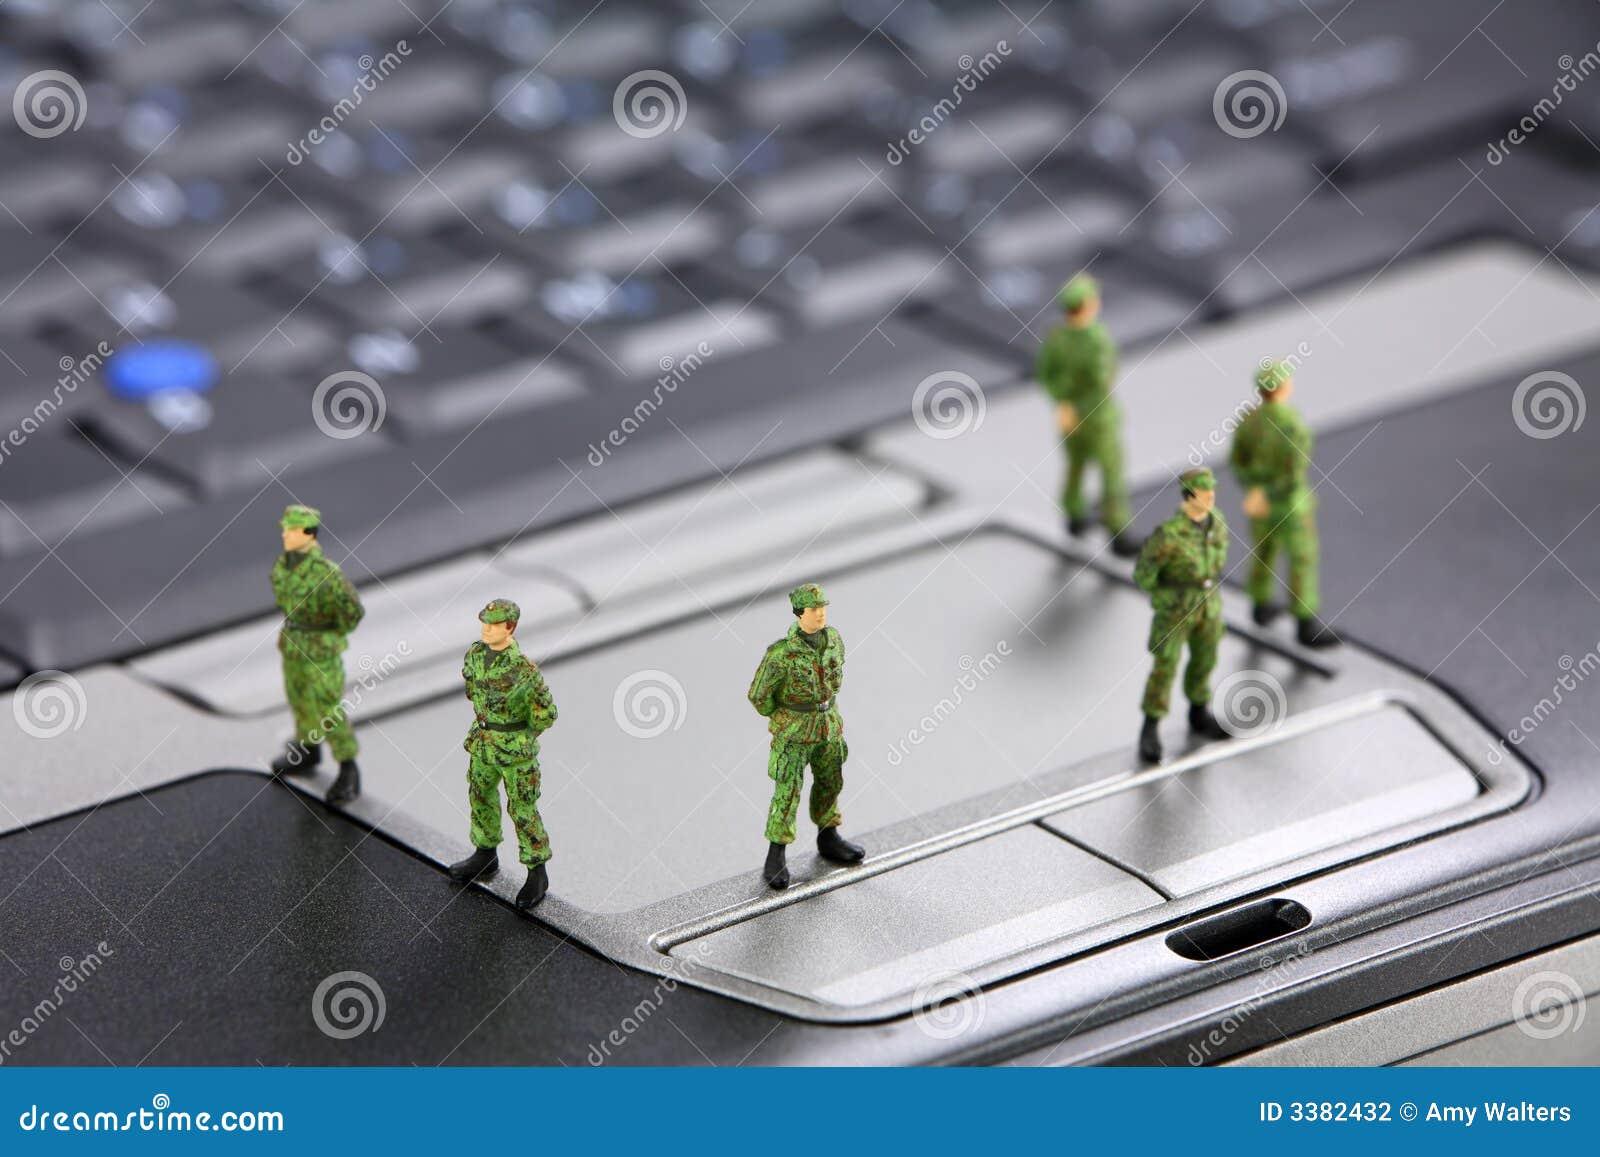 Concepto de la seguridad de datos del ordenador